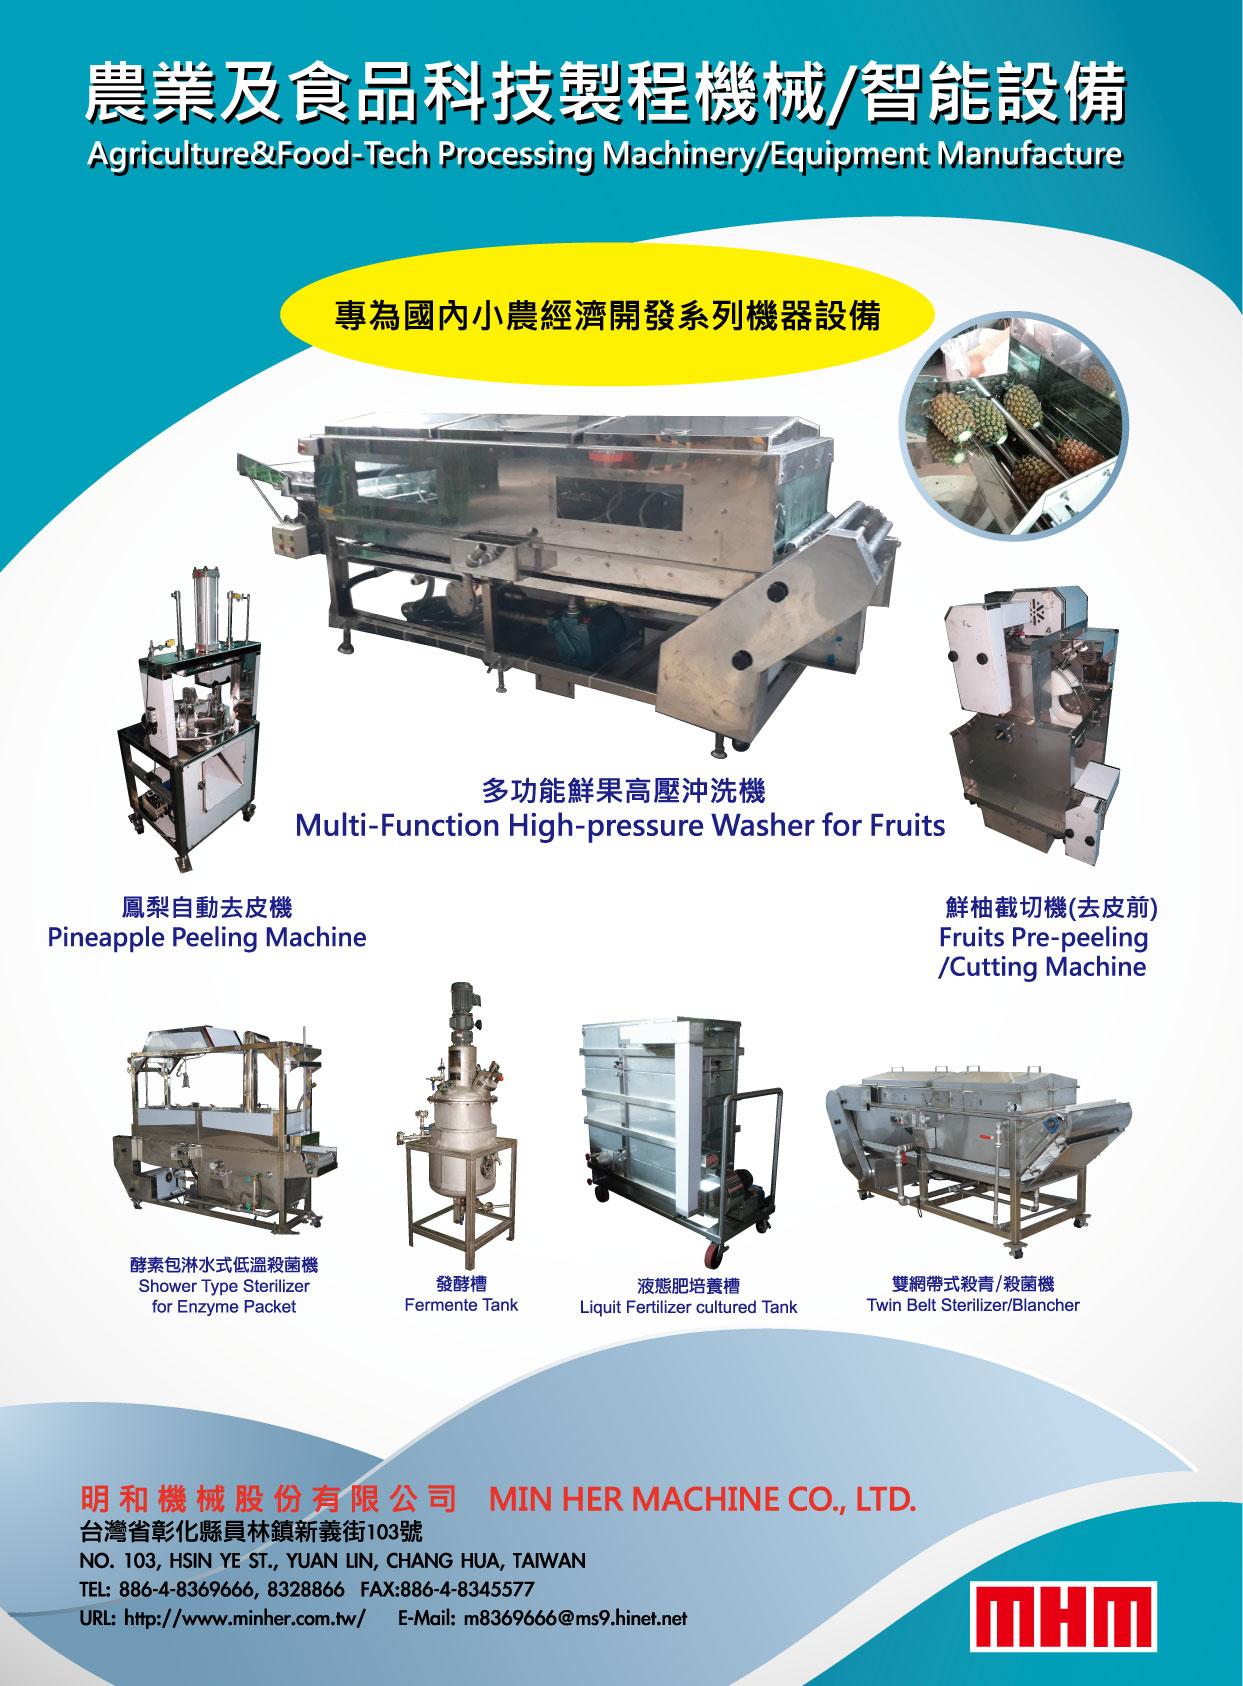 台北國際食品展 明和機械股份有限公司